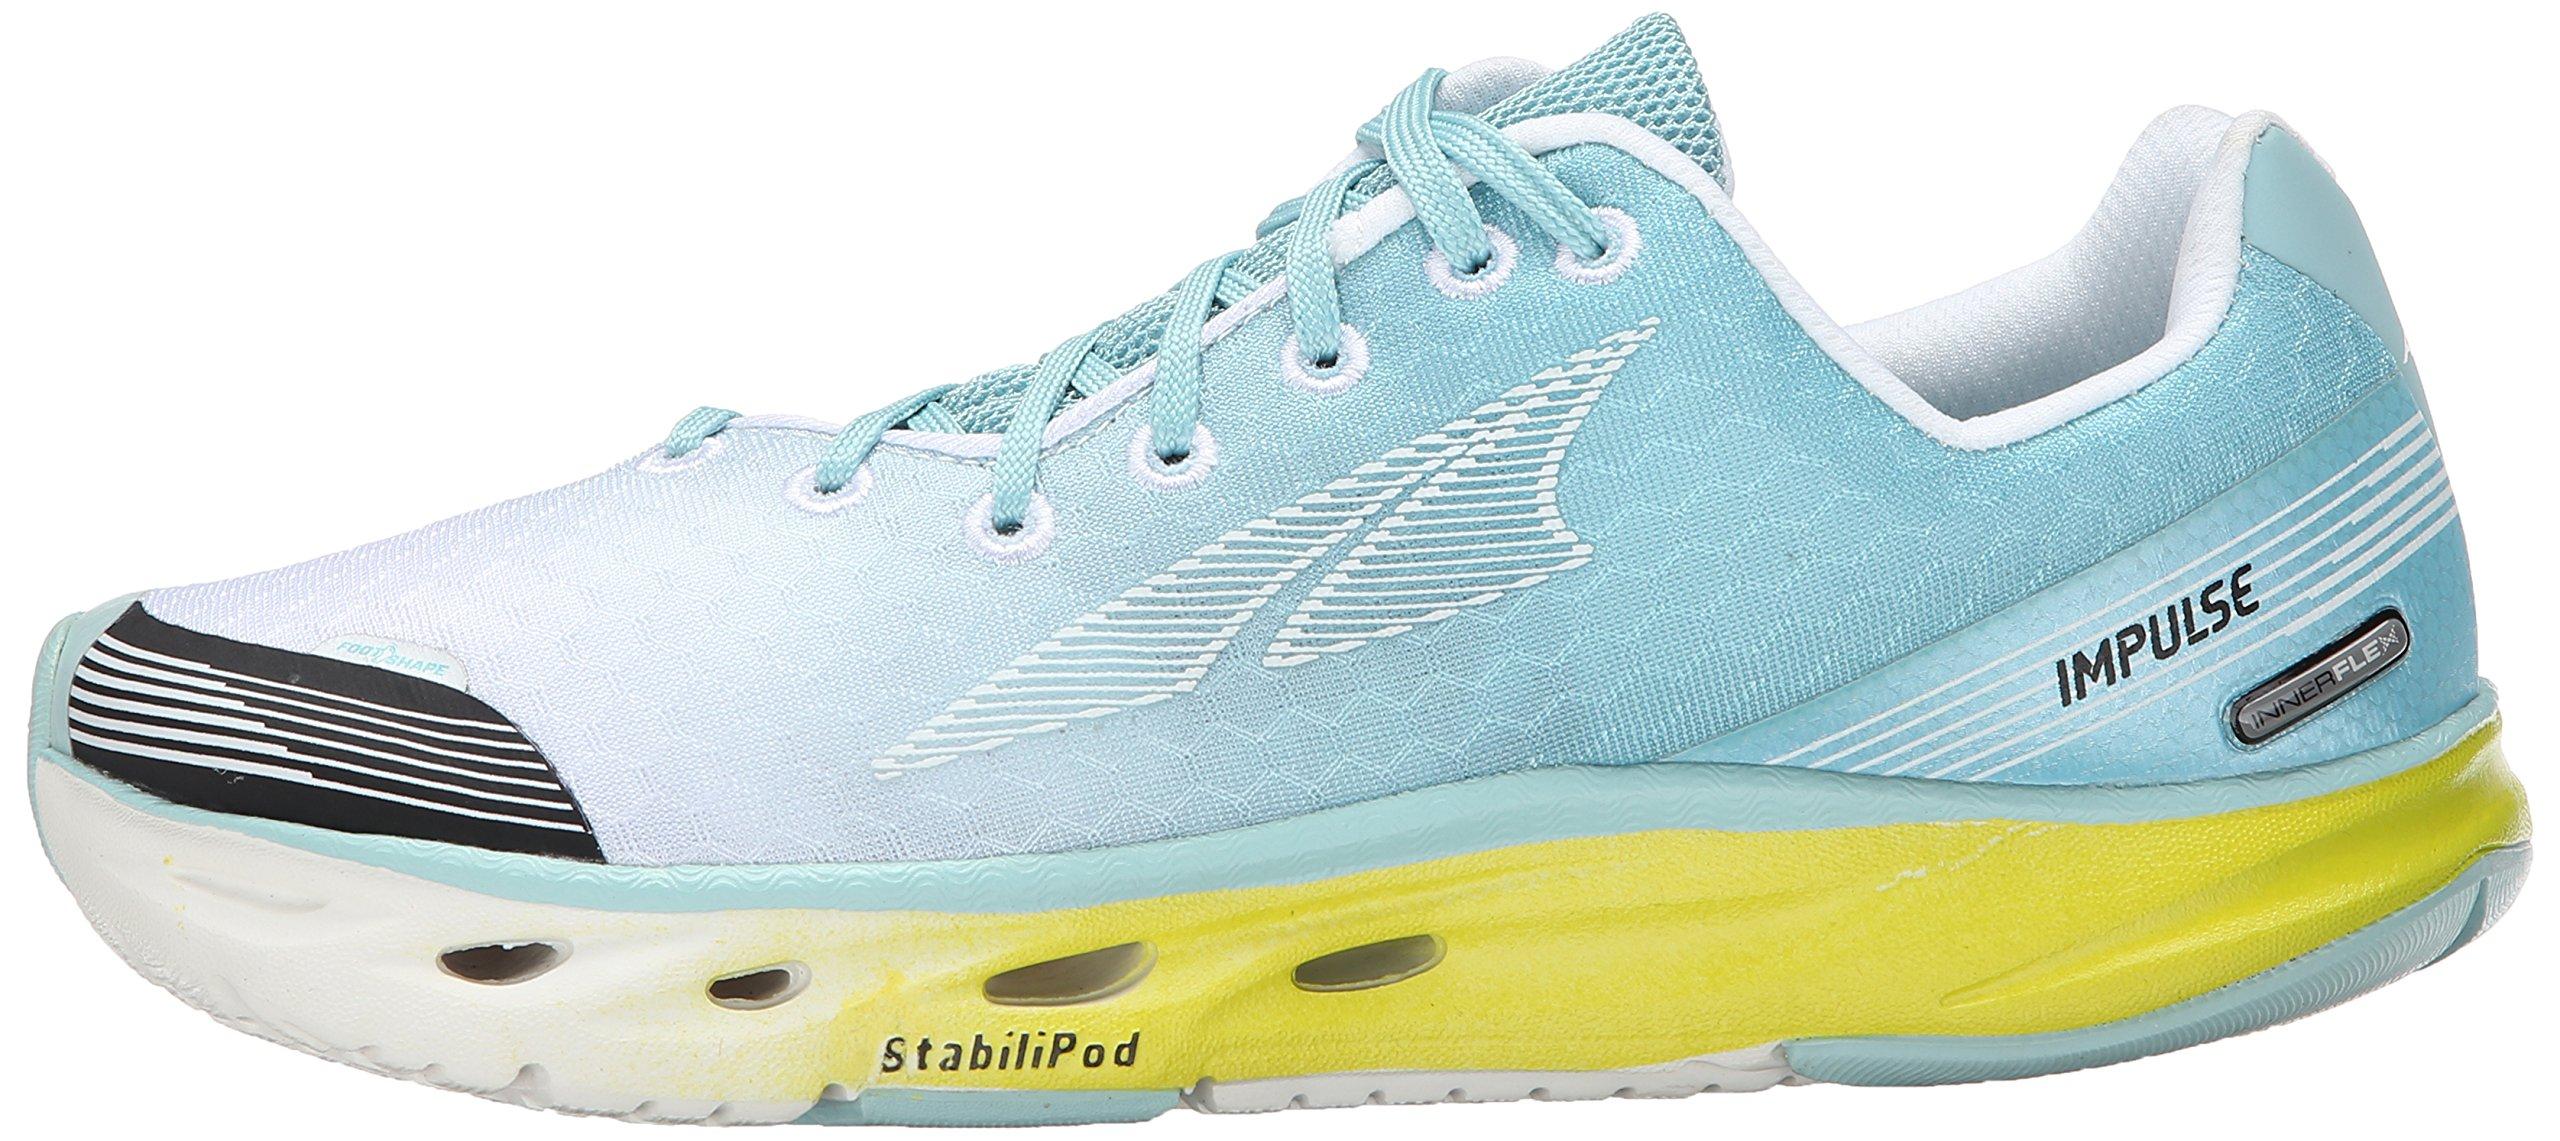 81OpFPf6gKL - Altra Women's Impulse Running Shoe